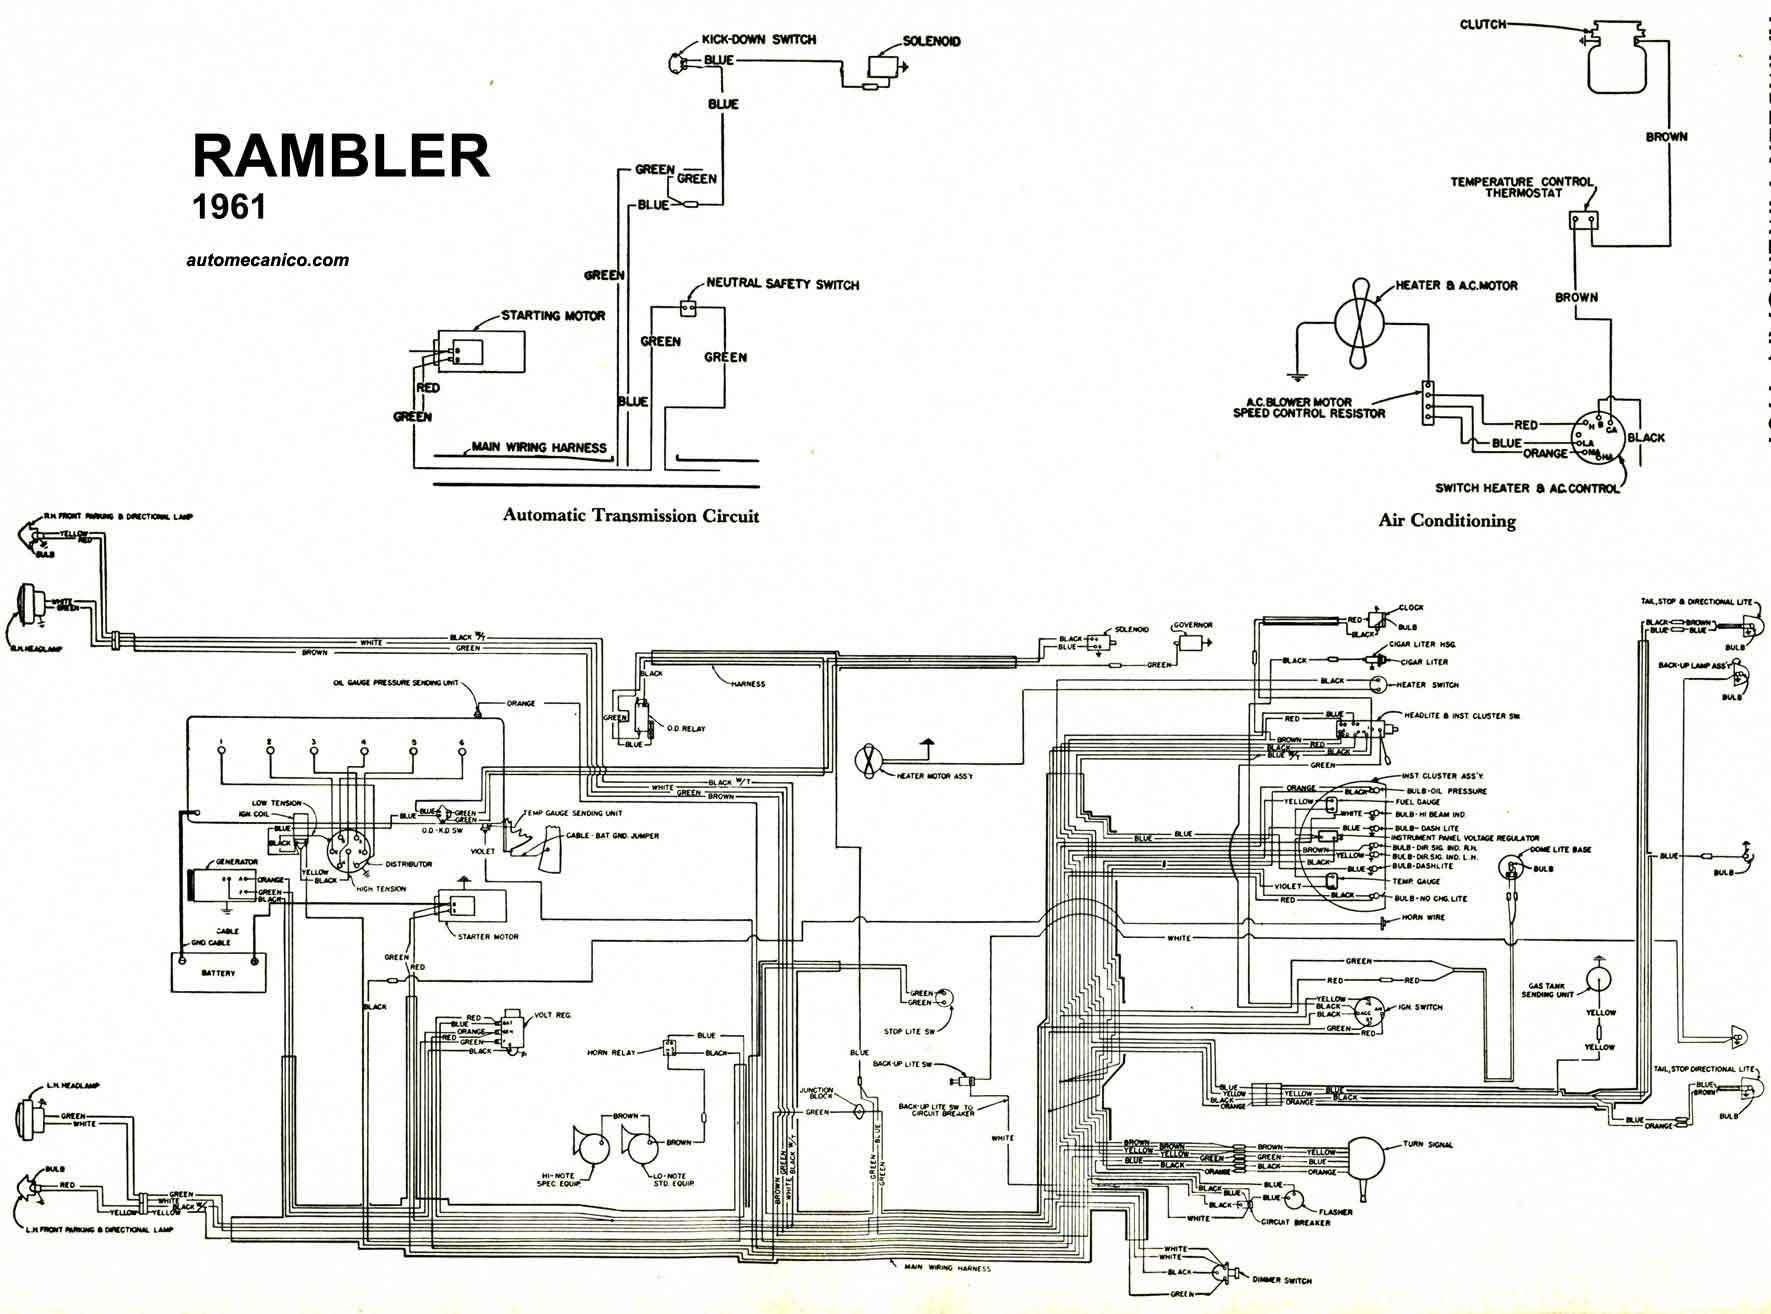 Wy Gentex 453 Wiring Diagram Wiring Diagram